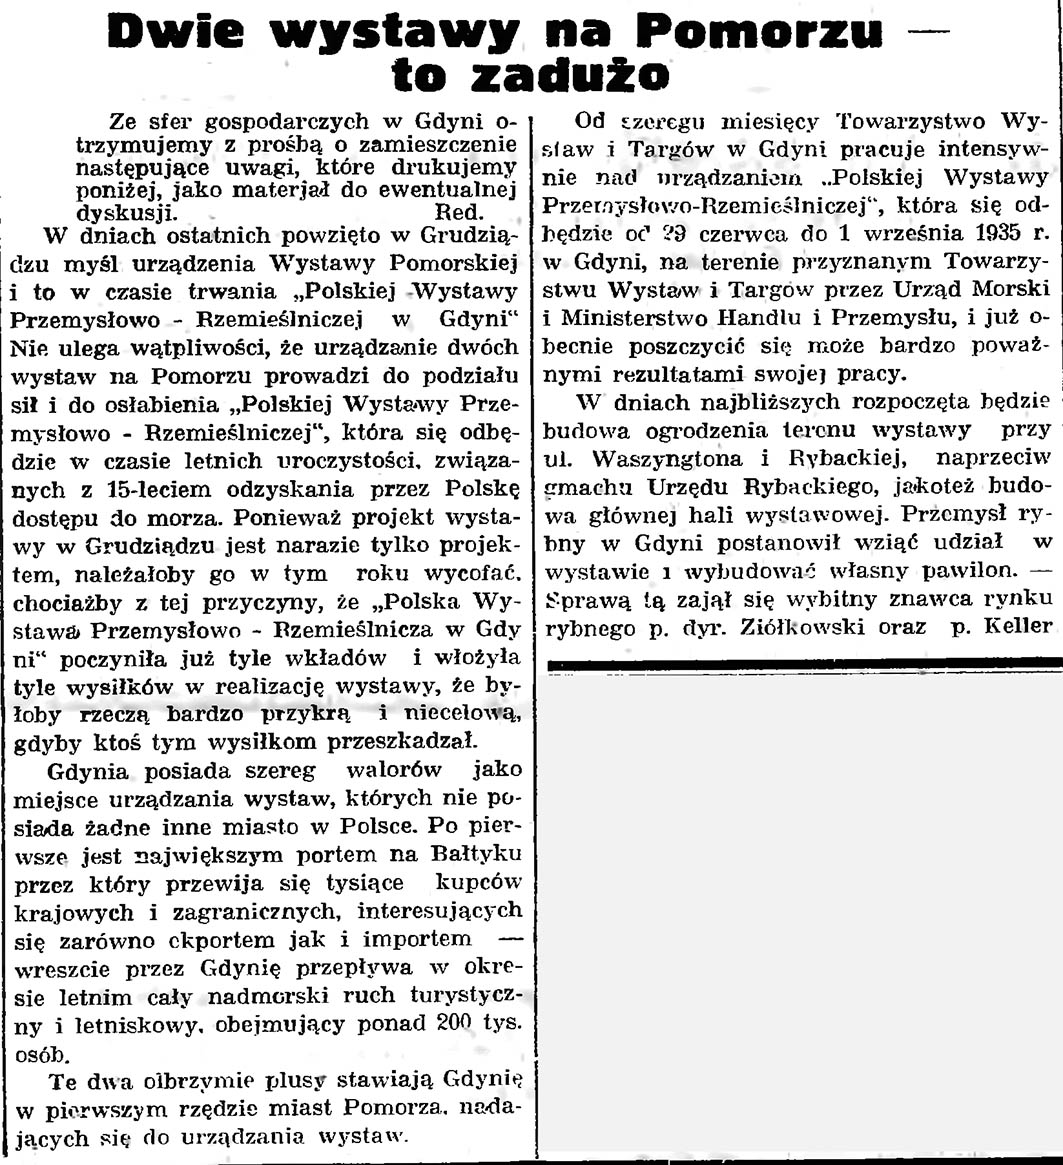 Dwie wystawy na Pomorzu - to za dużo // Gazeta Gdańska. - 1935, nr 50, s. 7